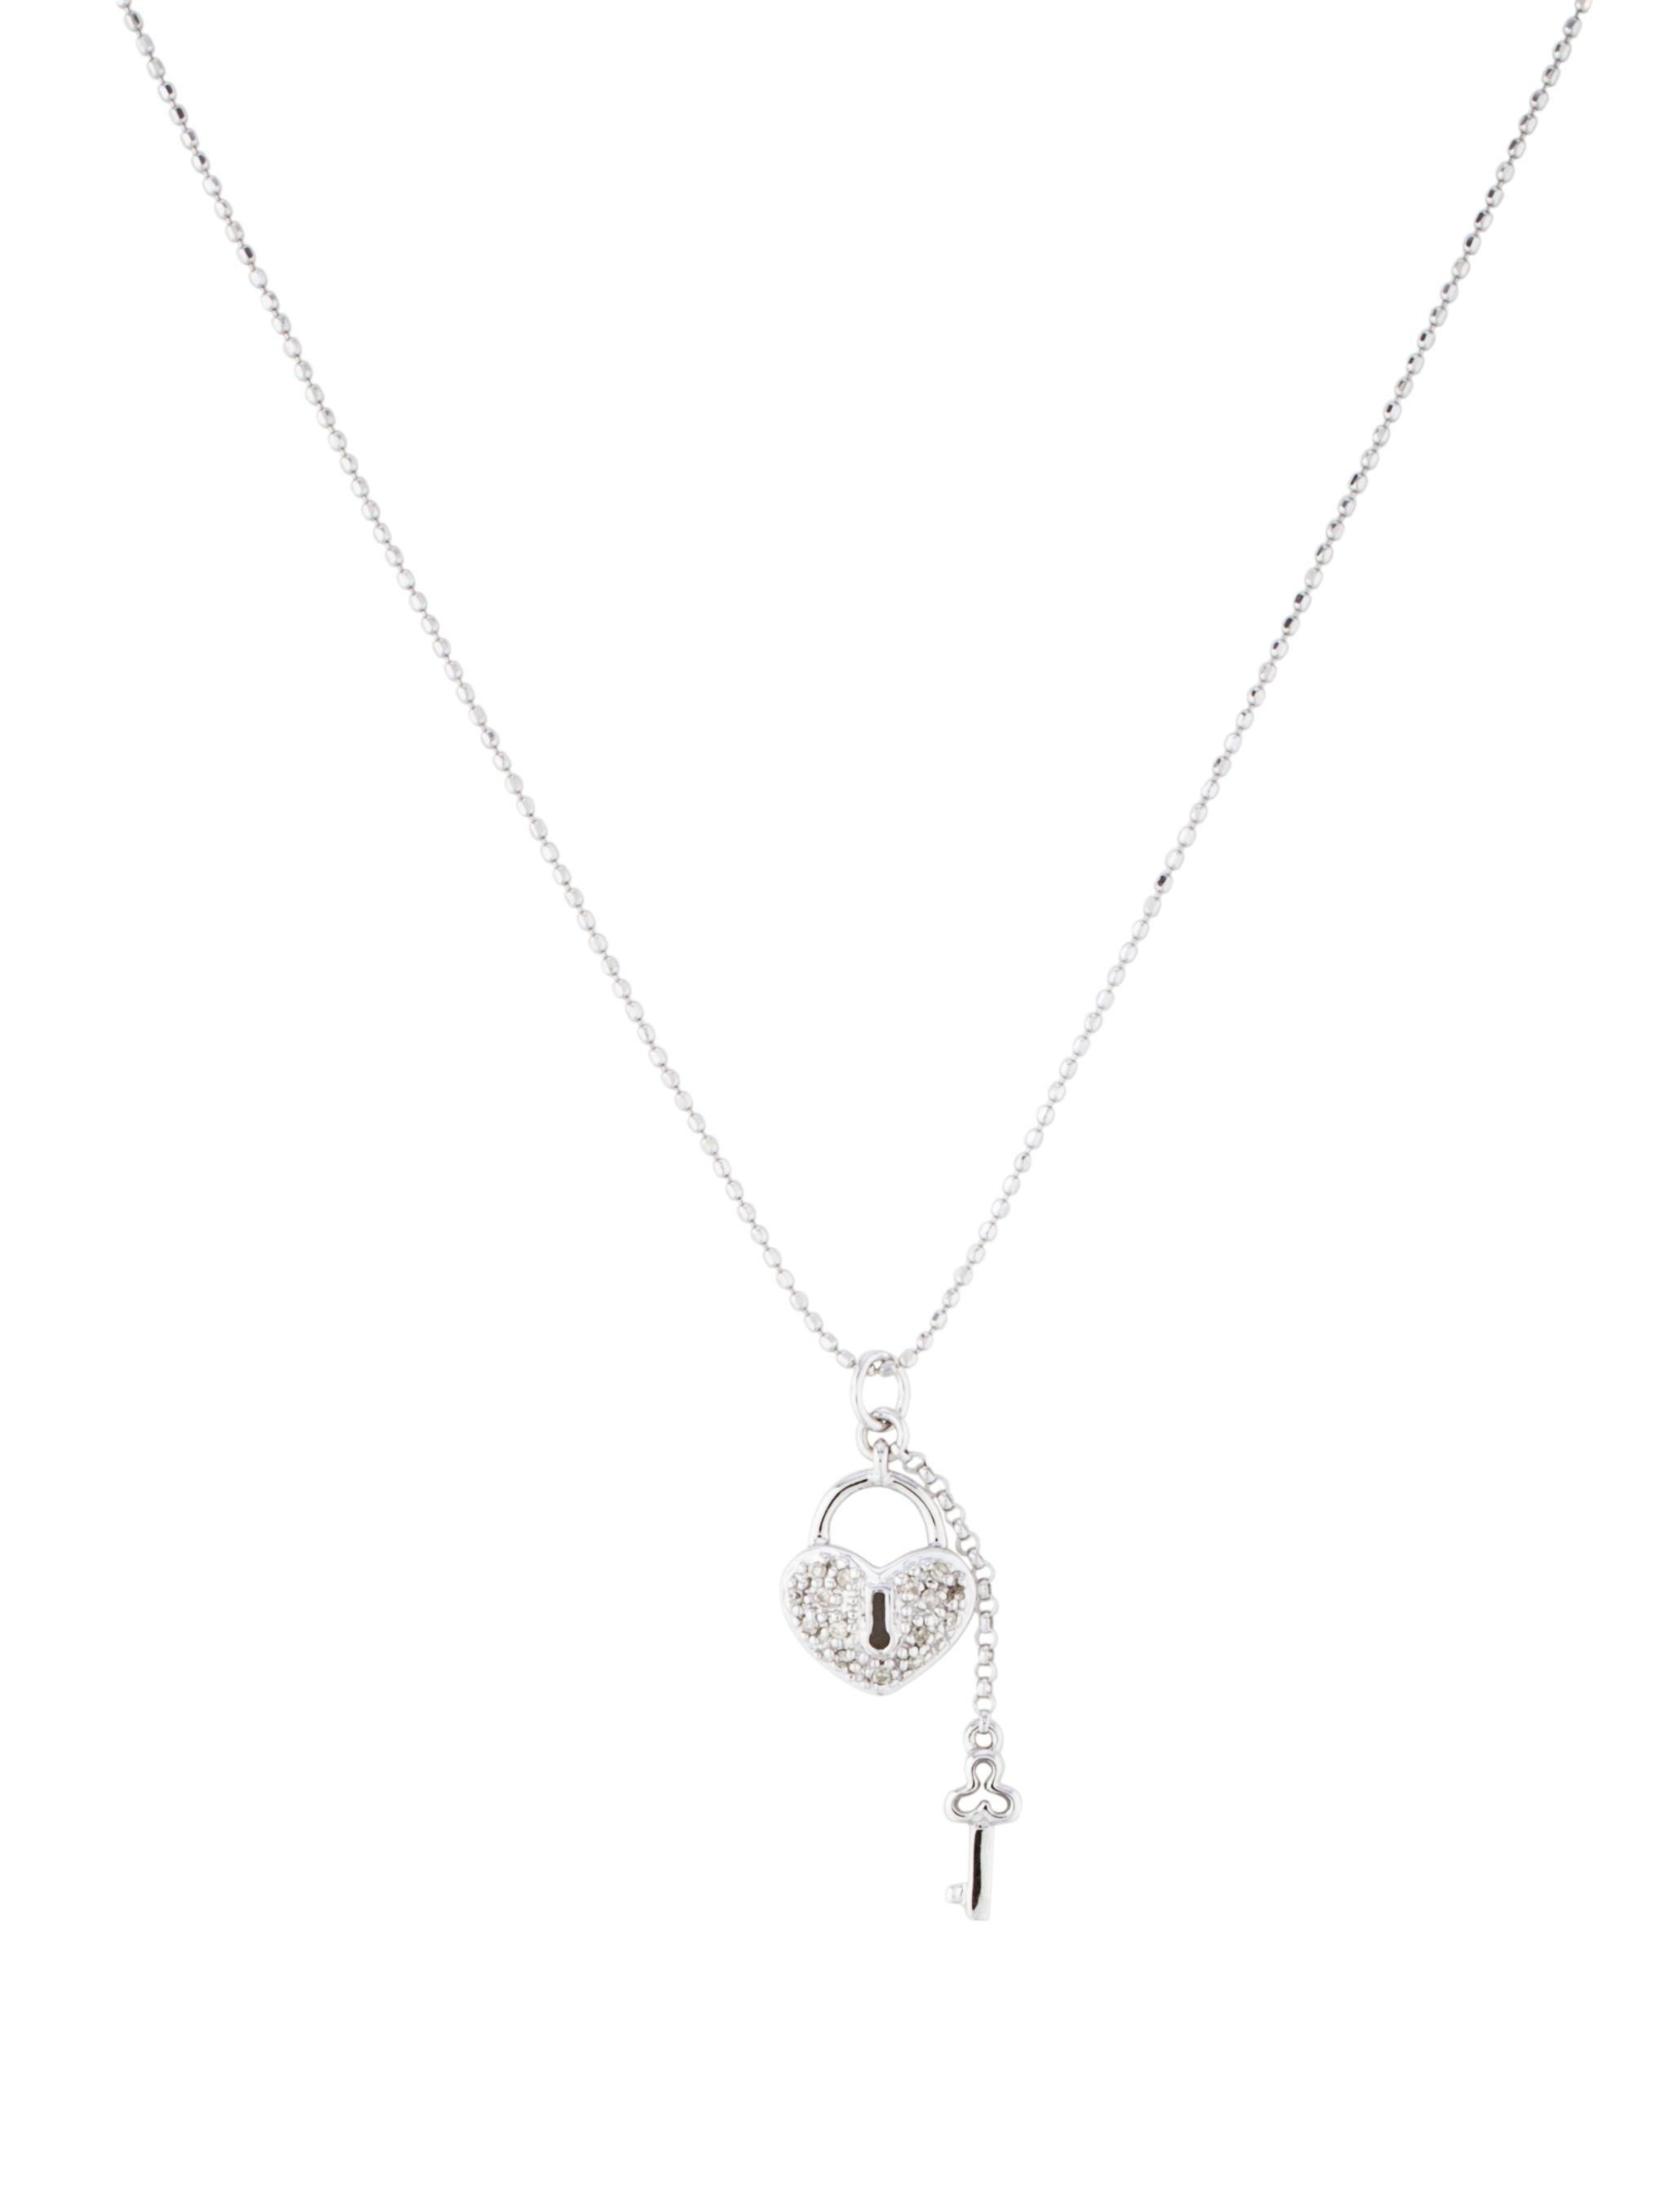 Sydney evan 14k diamond heart lock key pendant necklace 14k diamond heart lock key pendant necklace mozeypictures Images